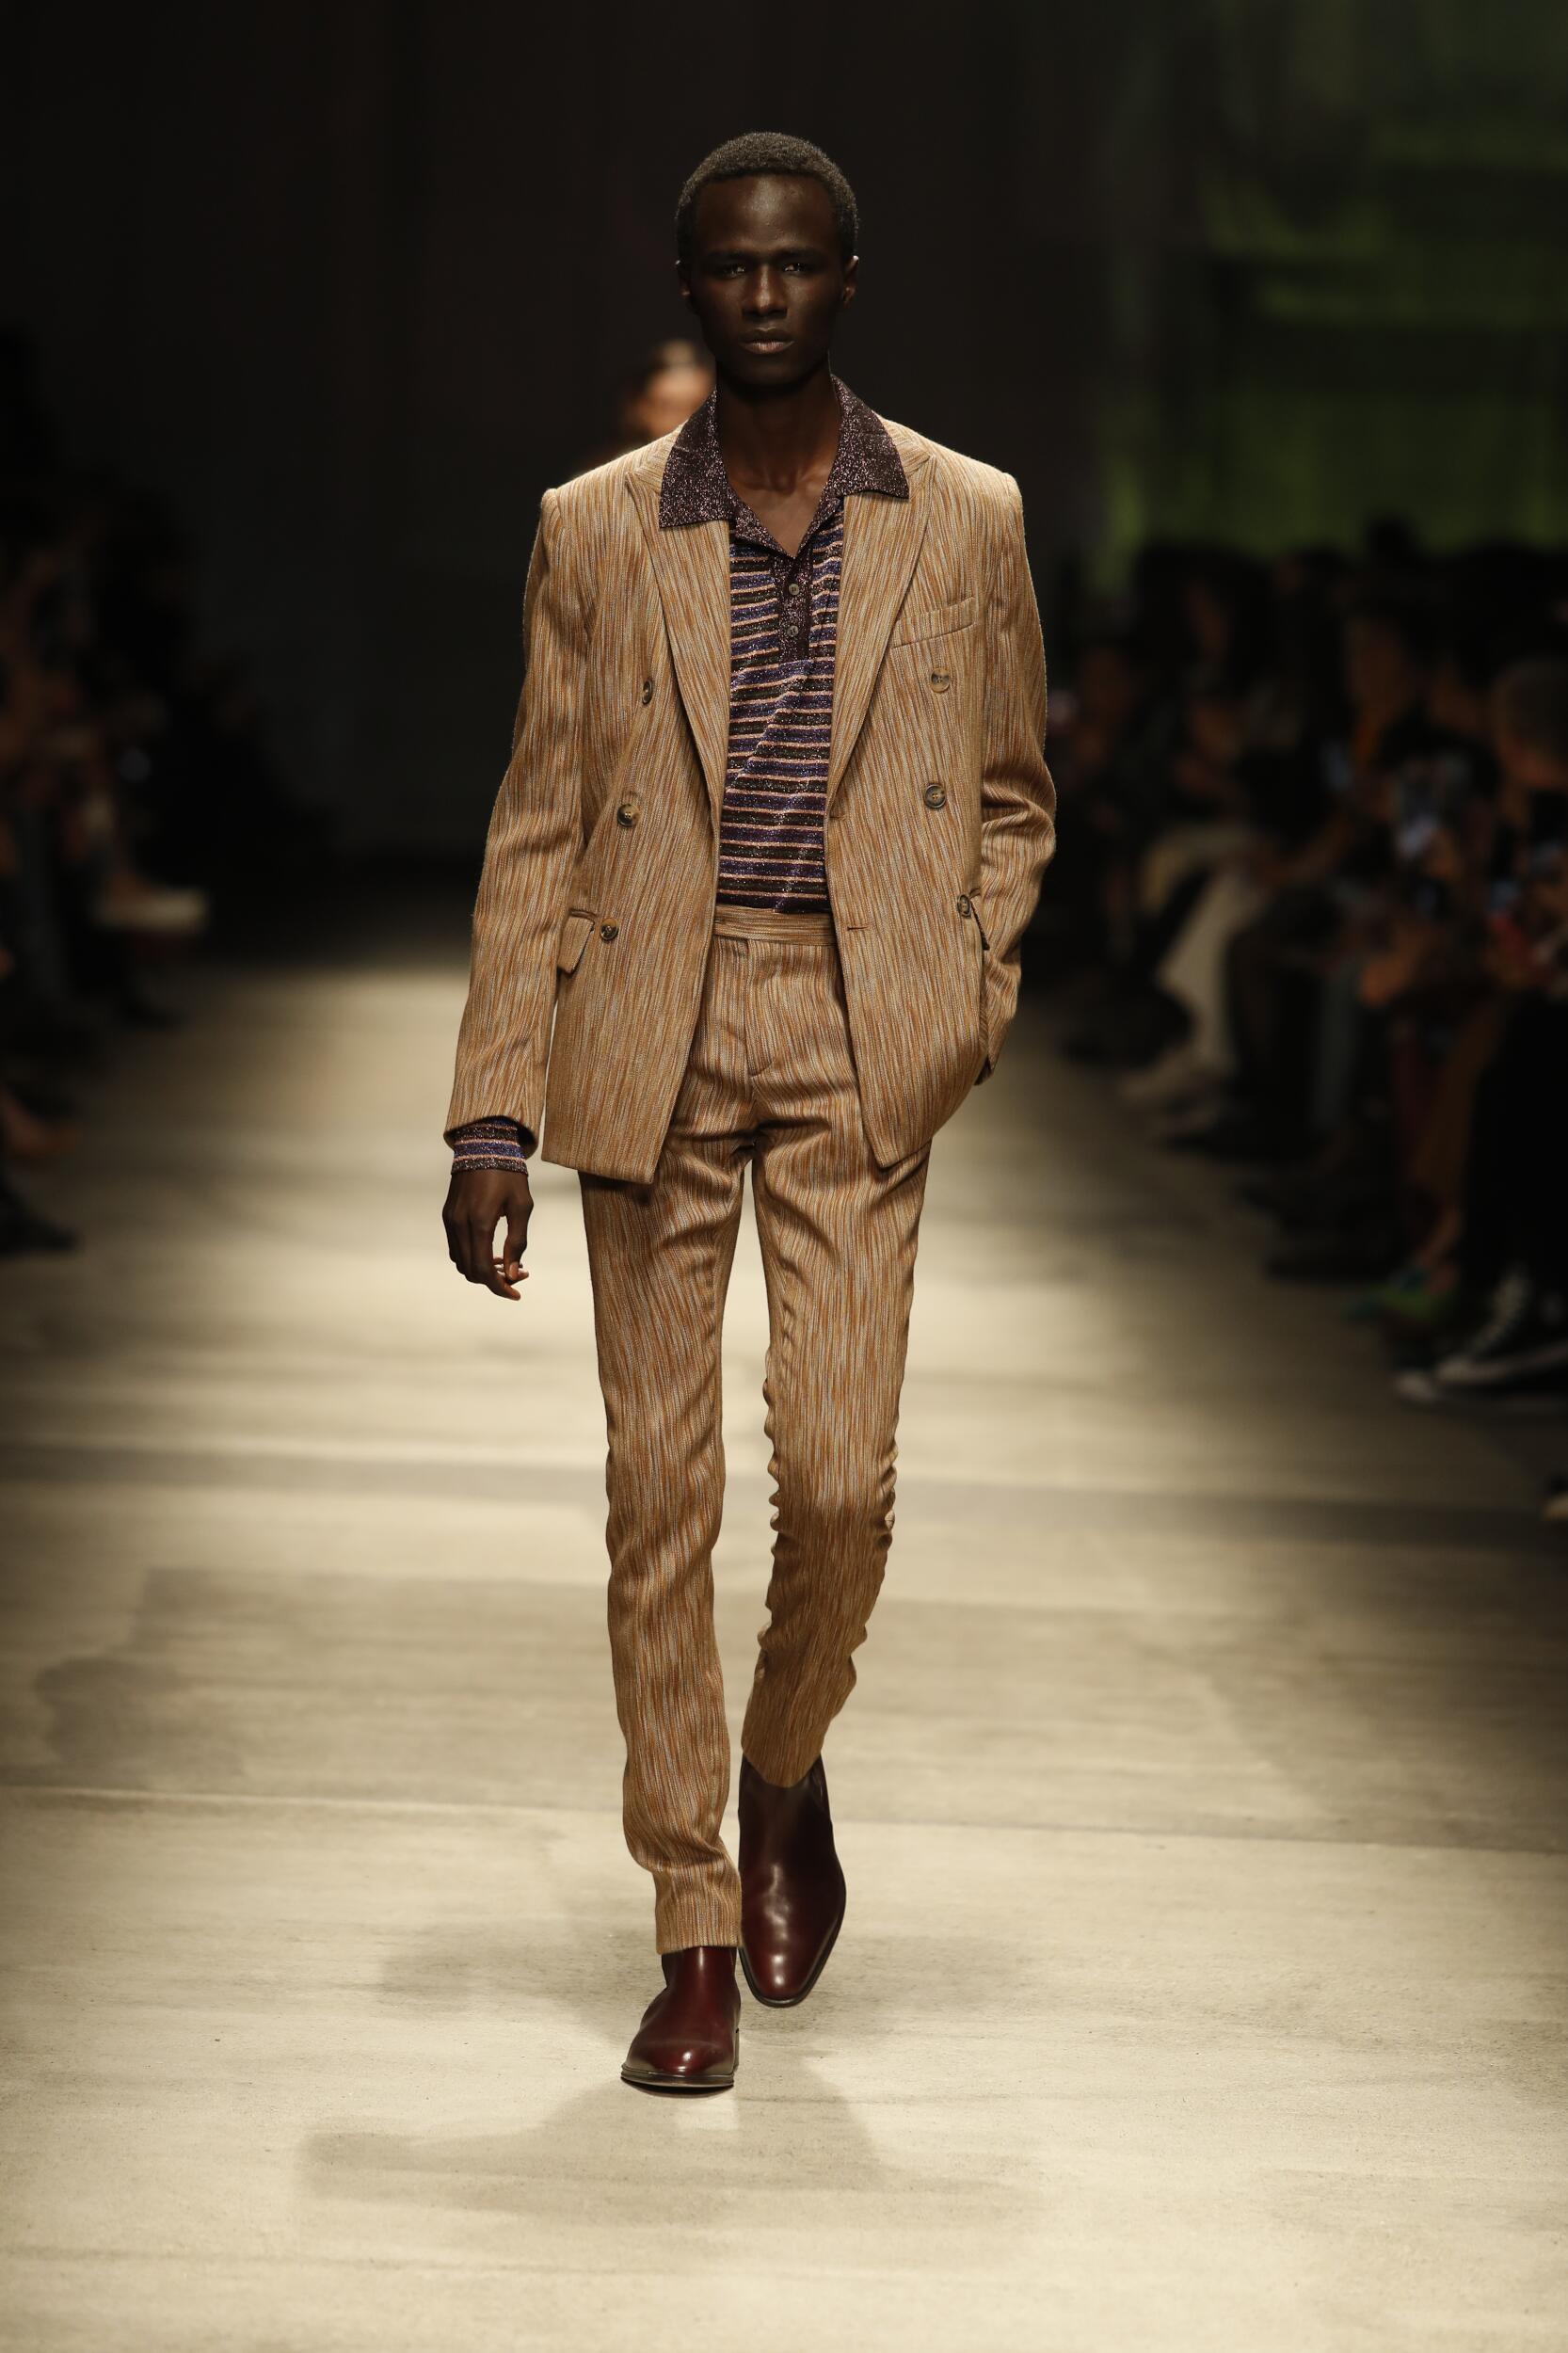 Runway Missoni Fall Winter 2020 Men's Collection Milan Fashion Week